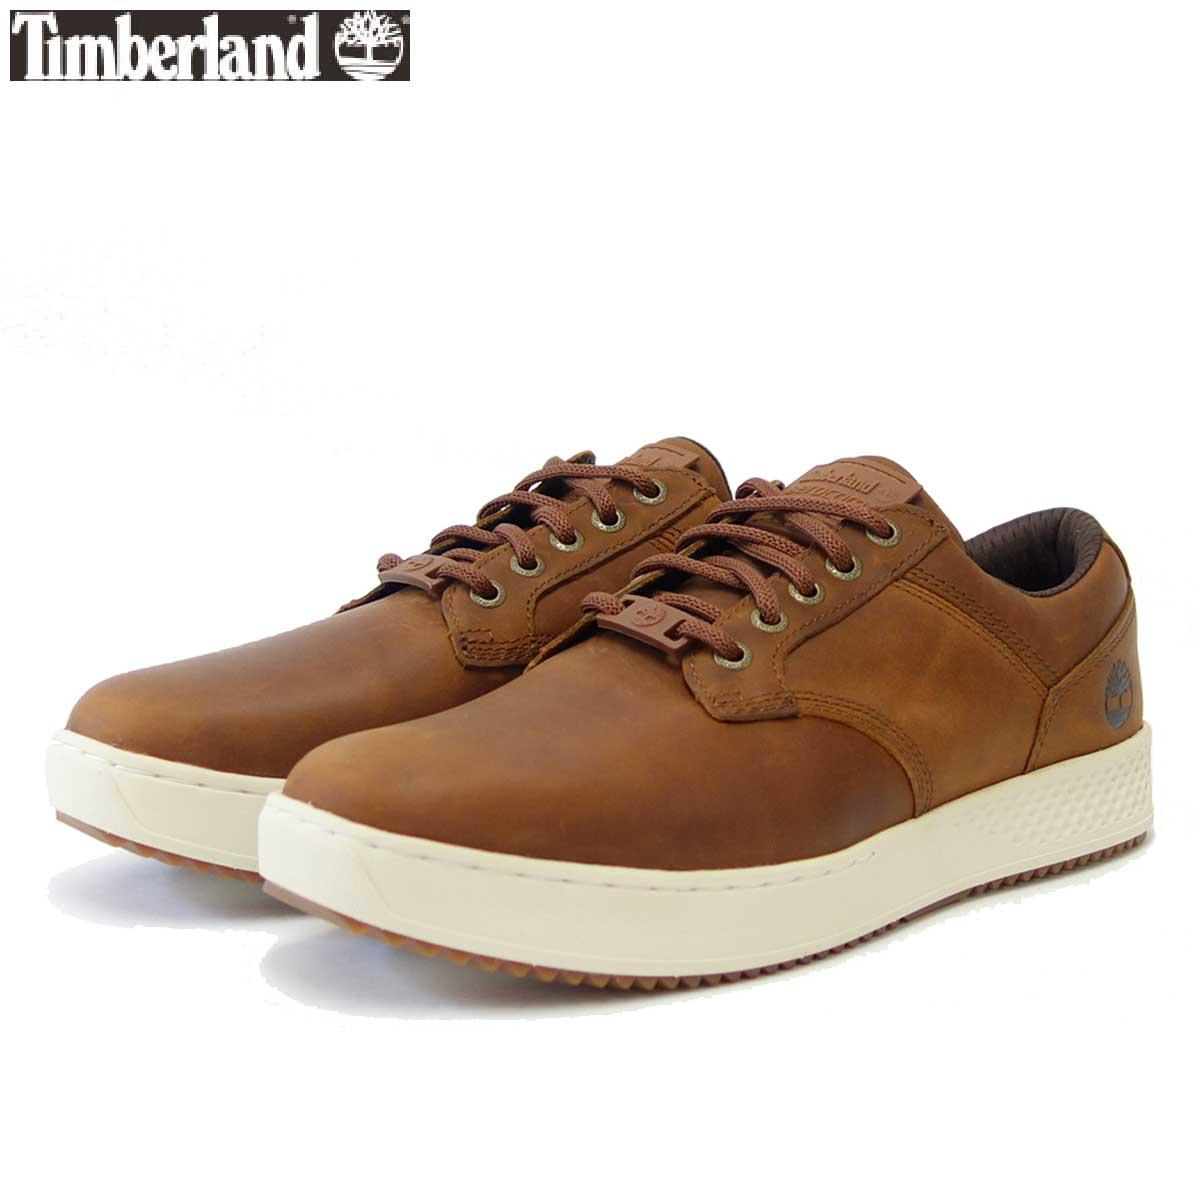 ティンバーランド Timberland ベーシック オックスフォード A1S6W ミディアムブラウン フルグレイン(メンズ)「靴」